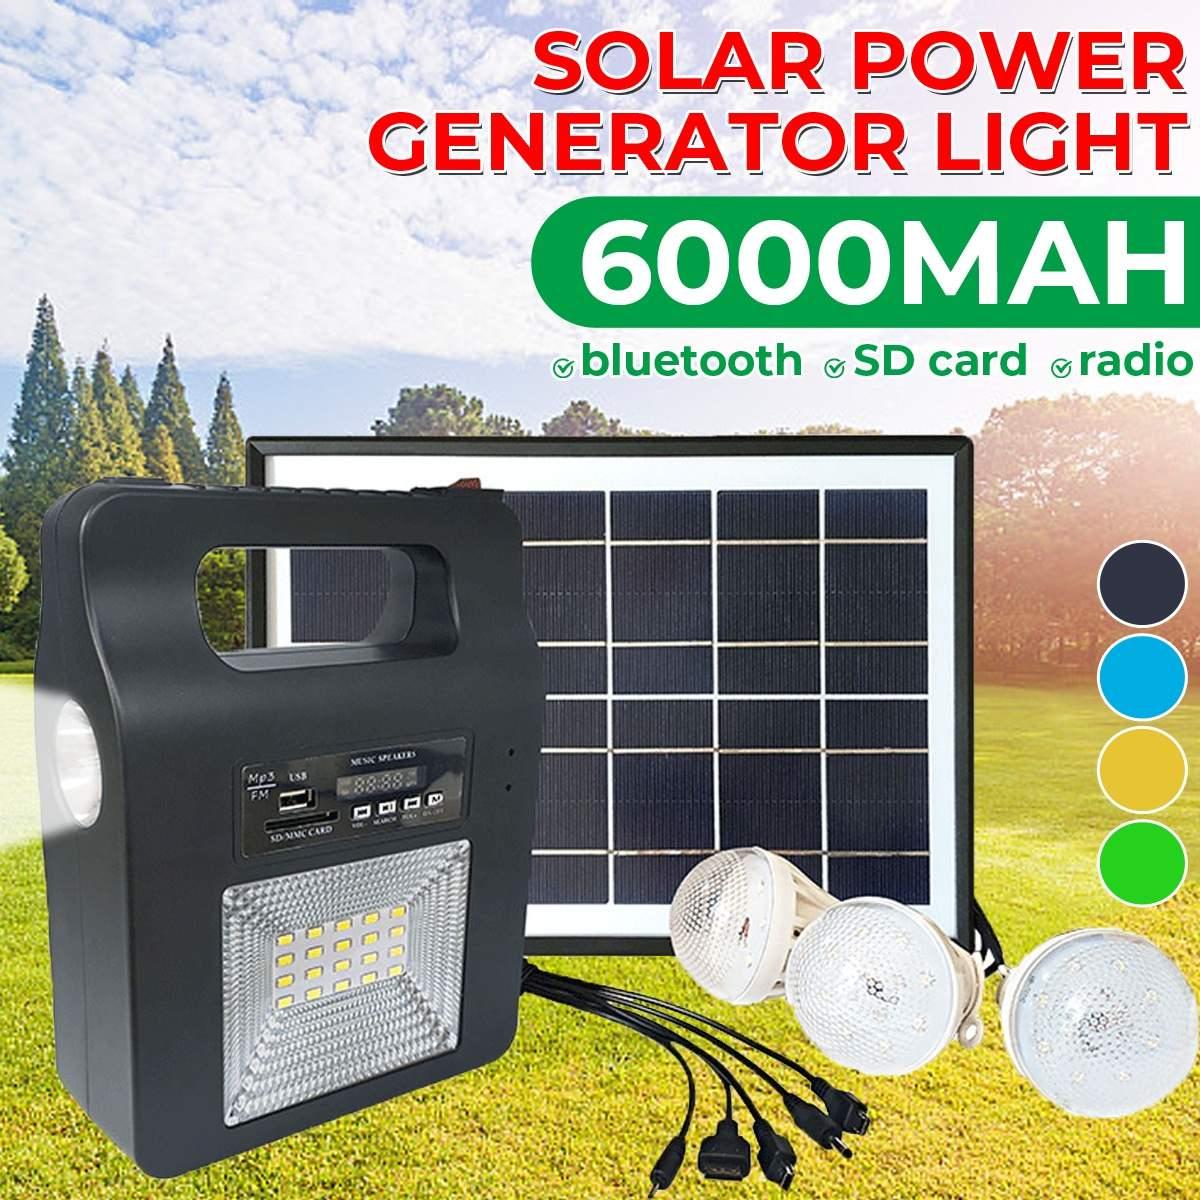 5w carregador usb casa sistema de energia solar painel gerador kit fm alto falante bluetooth com